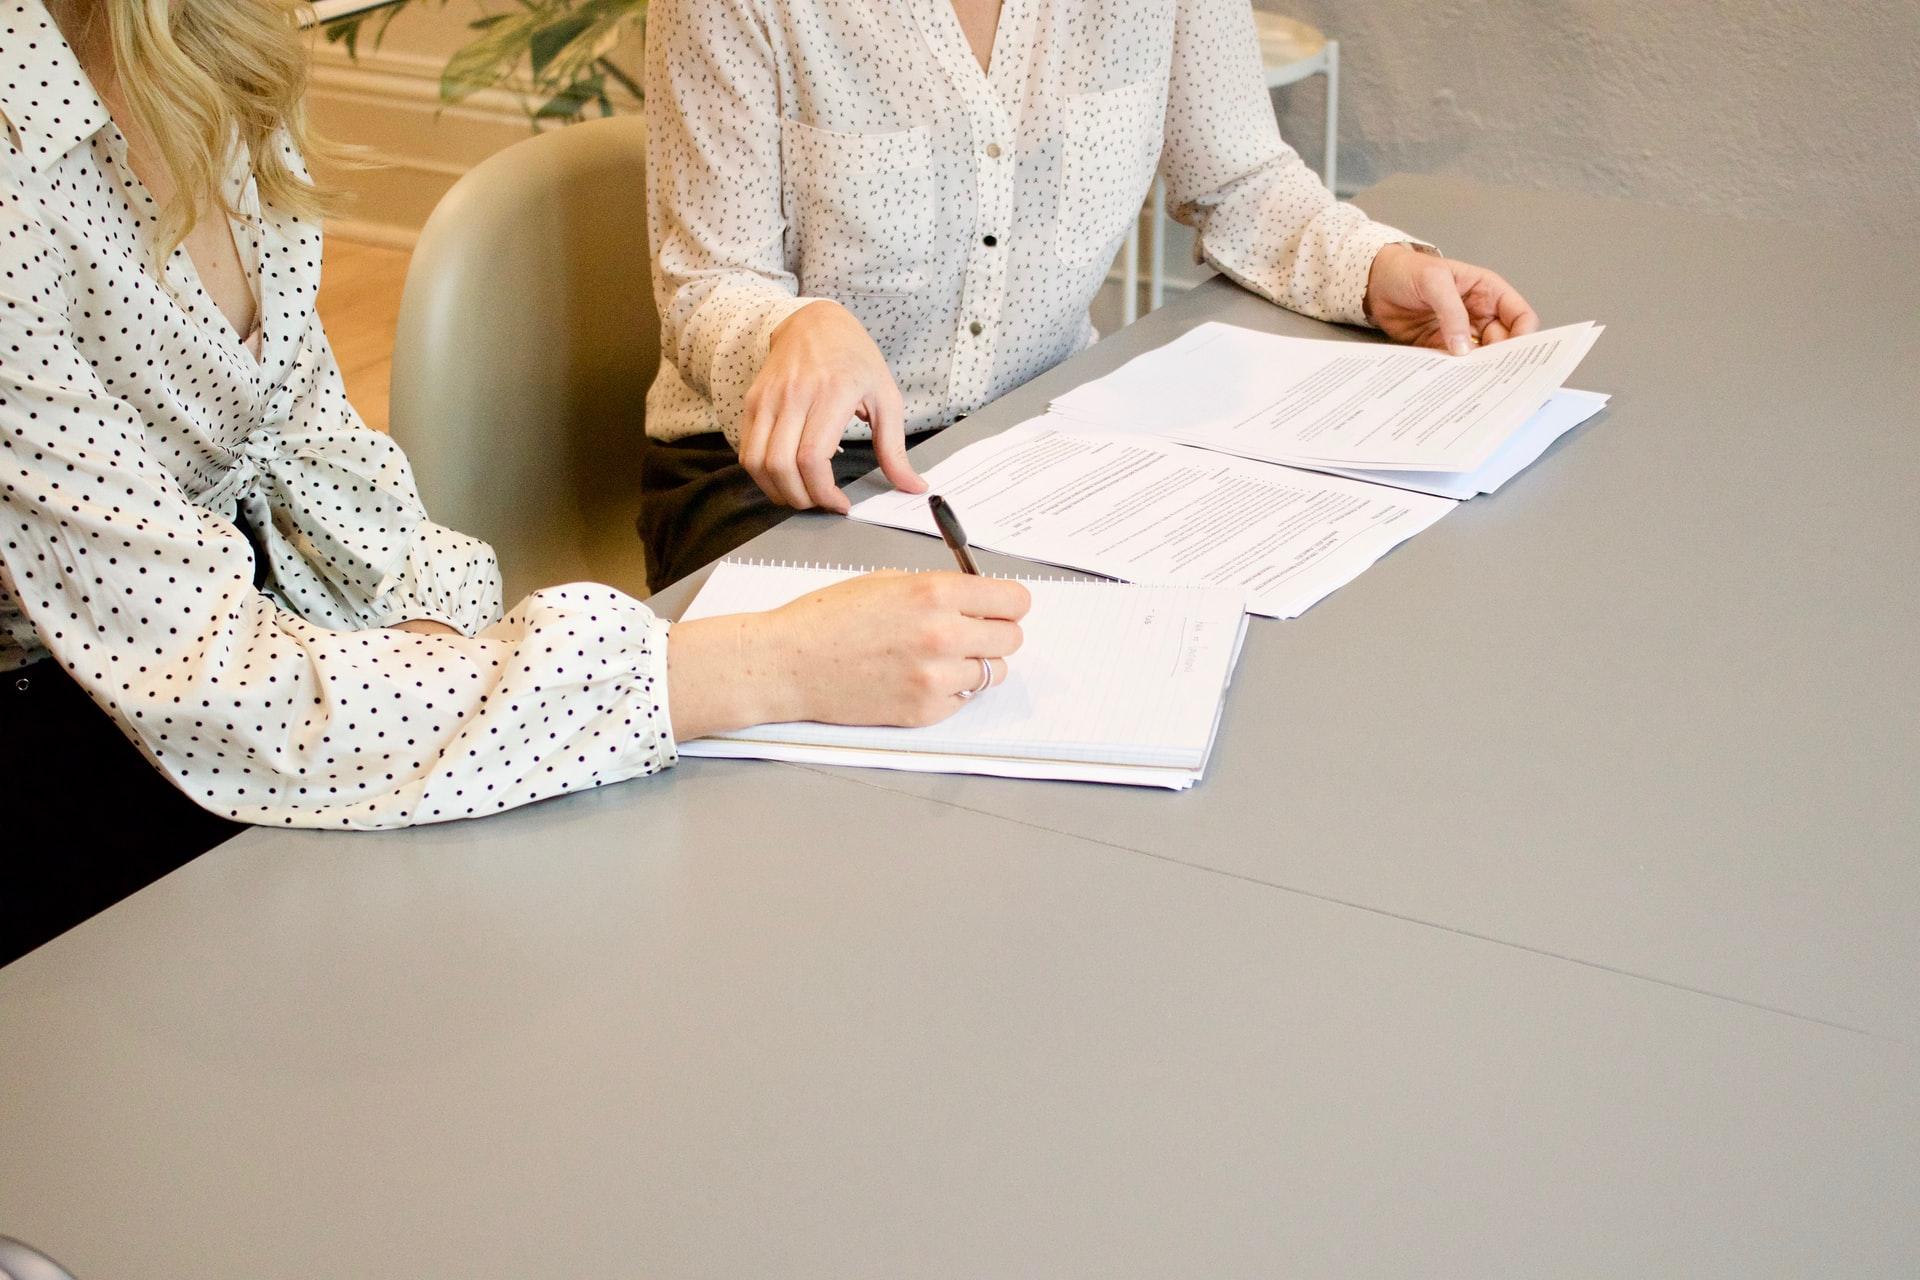 日総工産で期間工の面接を受ける際の服装や持ち物・内容や流れを紹介